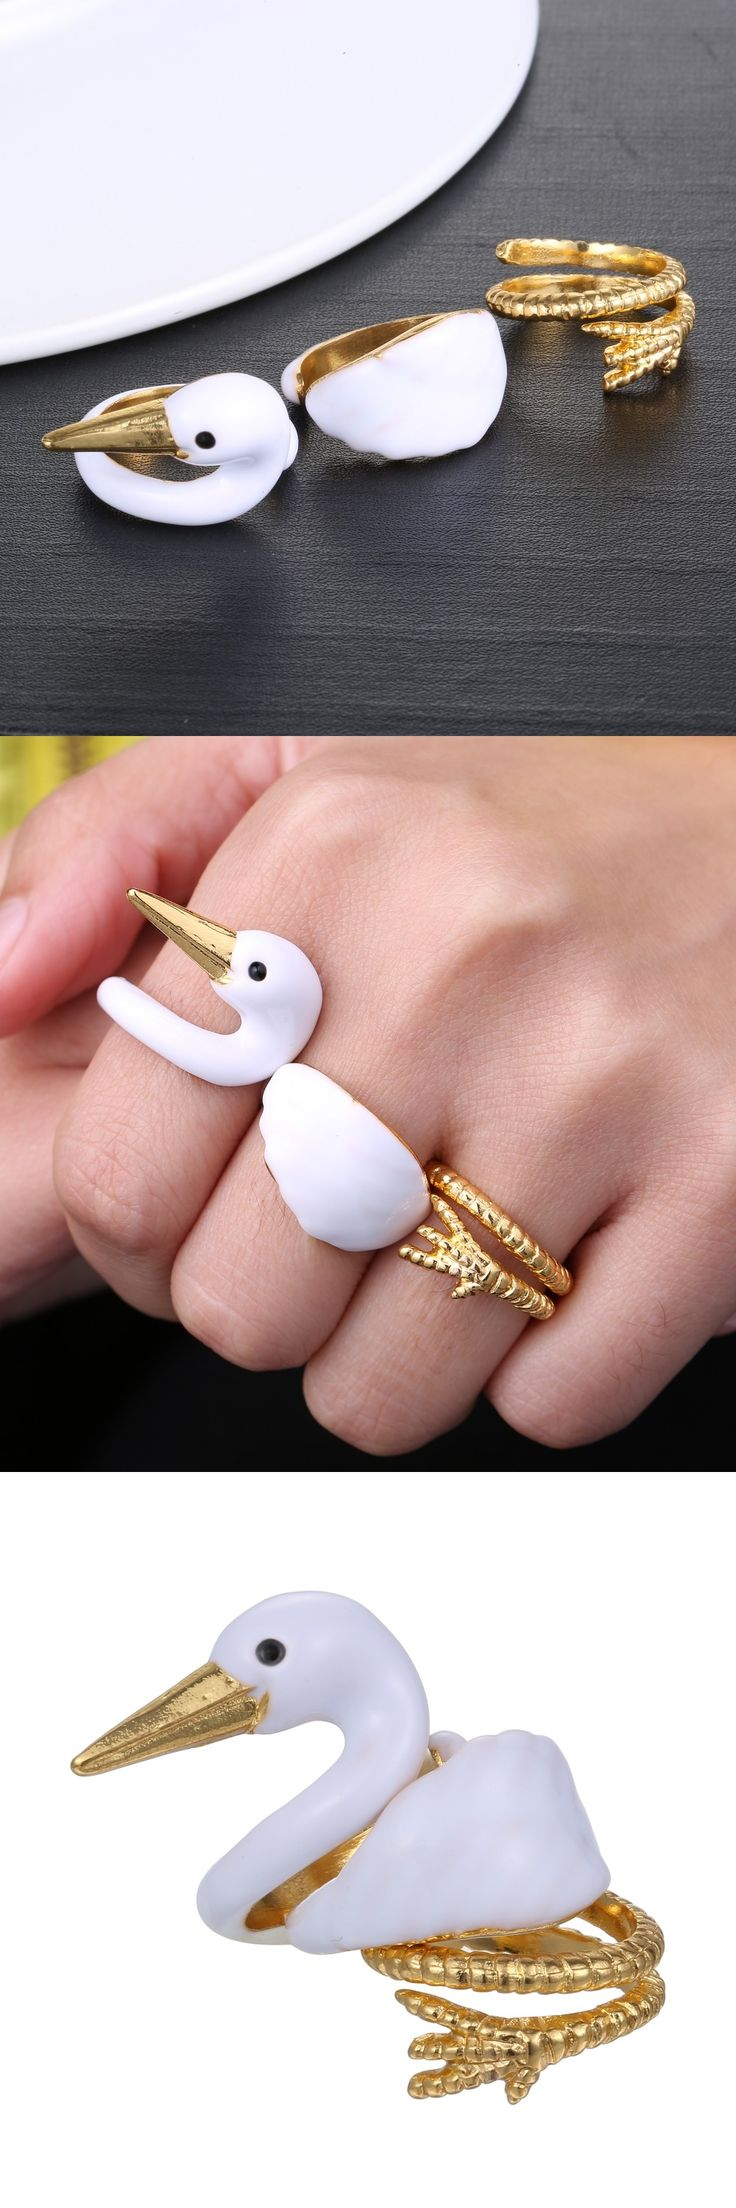 191 best Rings images on Pinterest | Sterling silver rings, Weddings ...